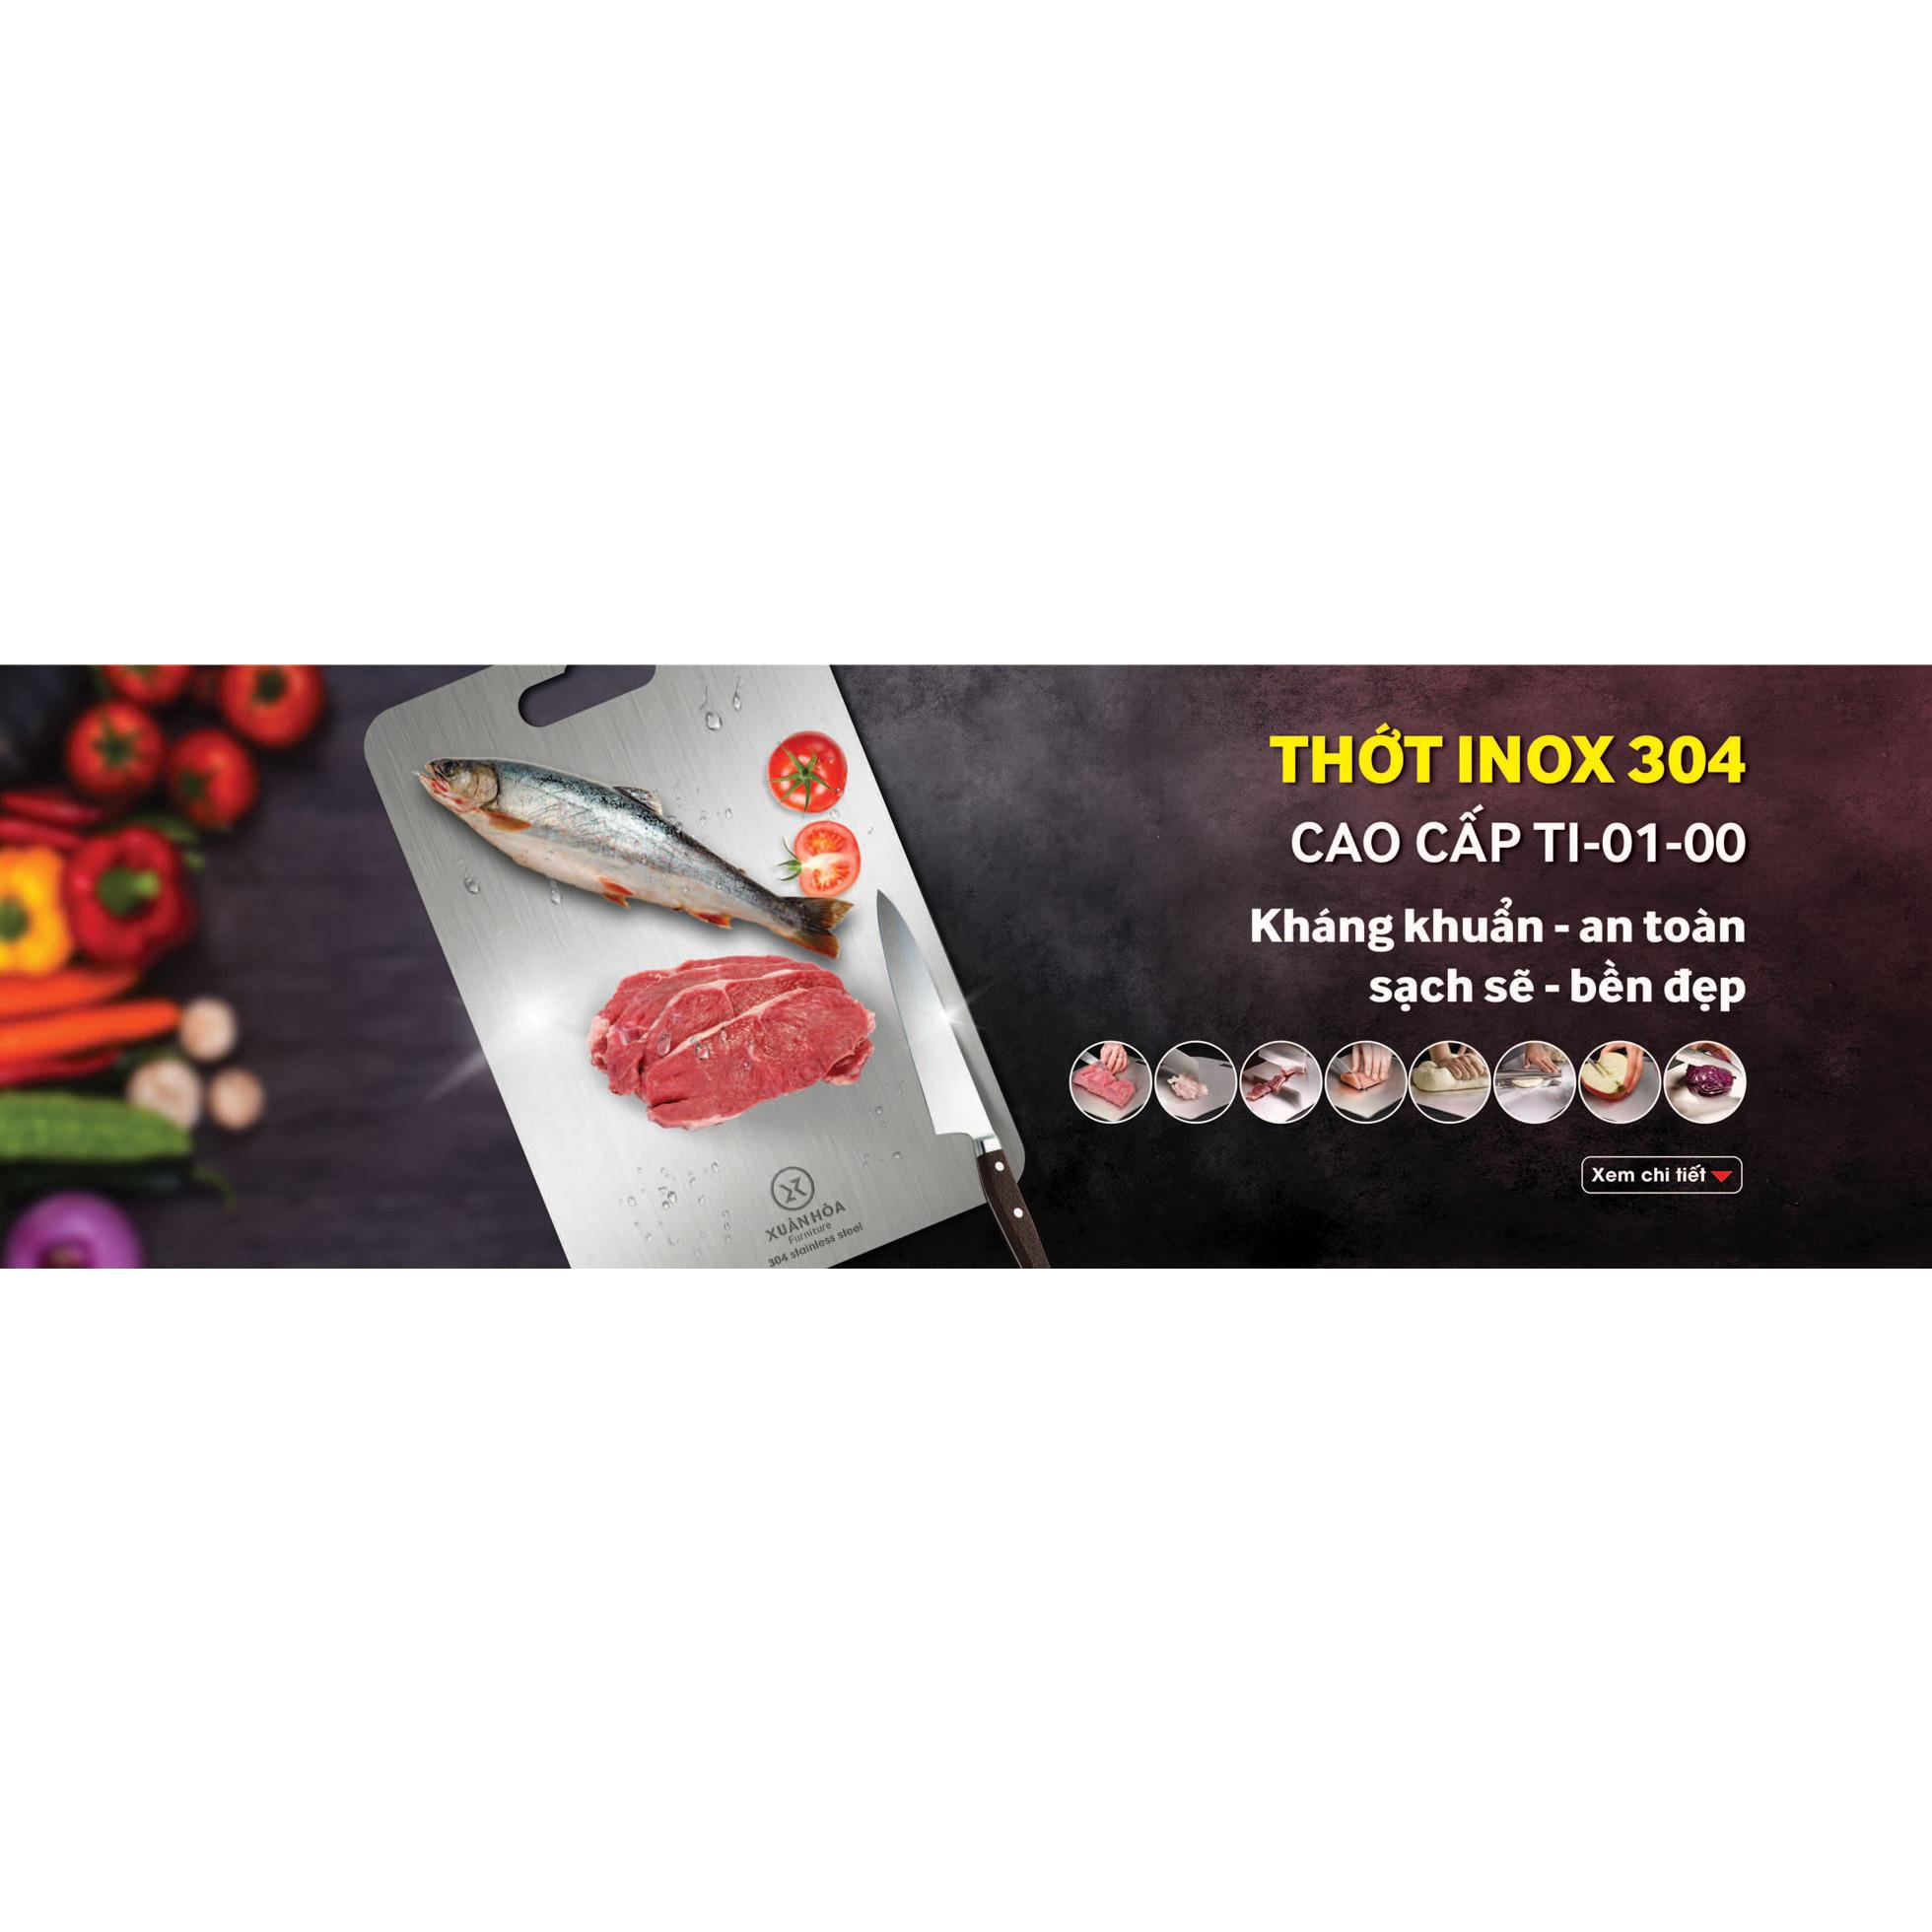 Thớt inox Xuân Hòa TI-01-00 sử dụng inox 304